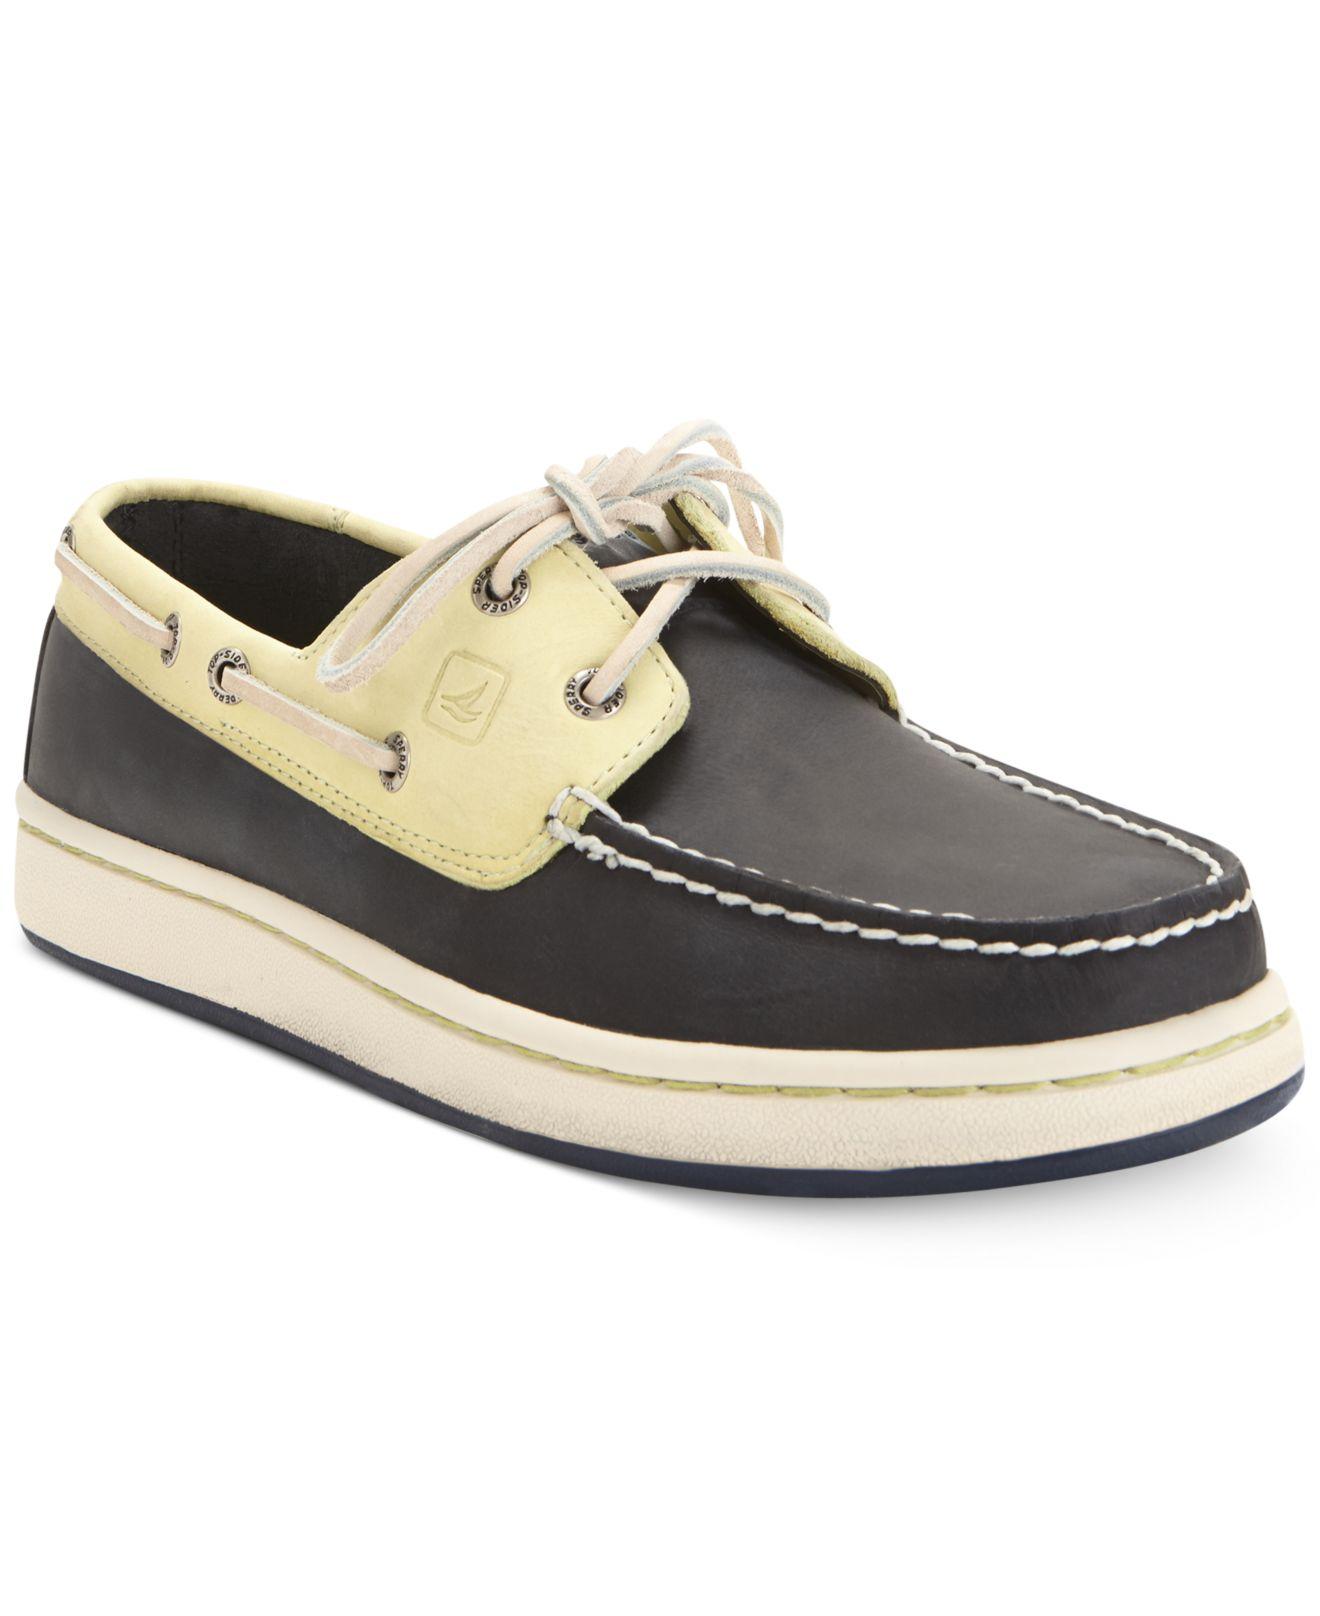 Dsw Womens Shoes Wide Width